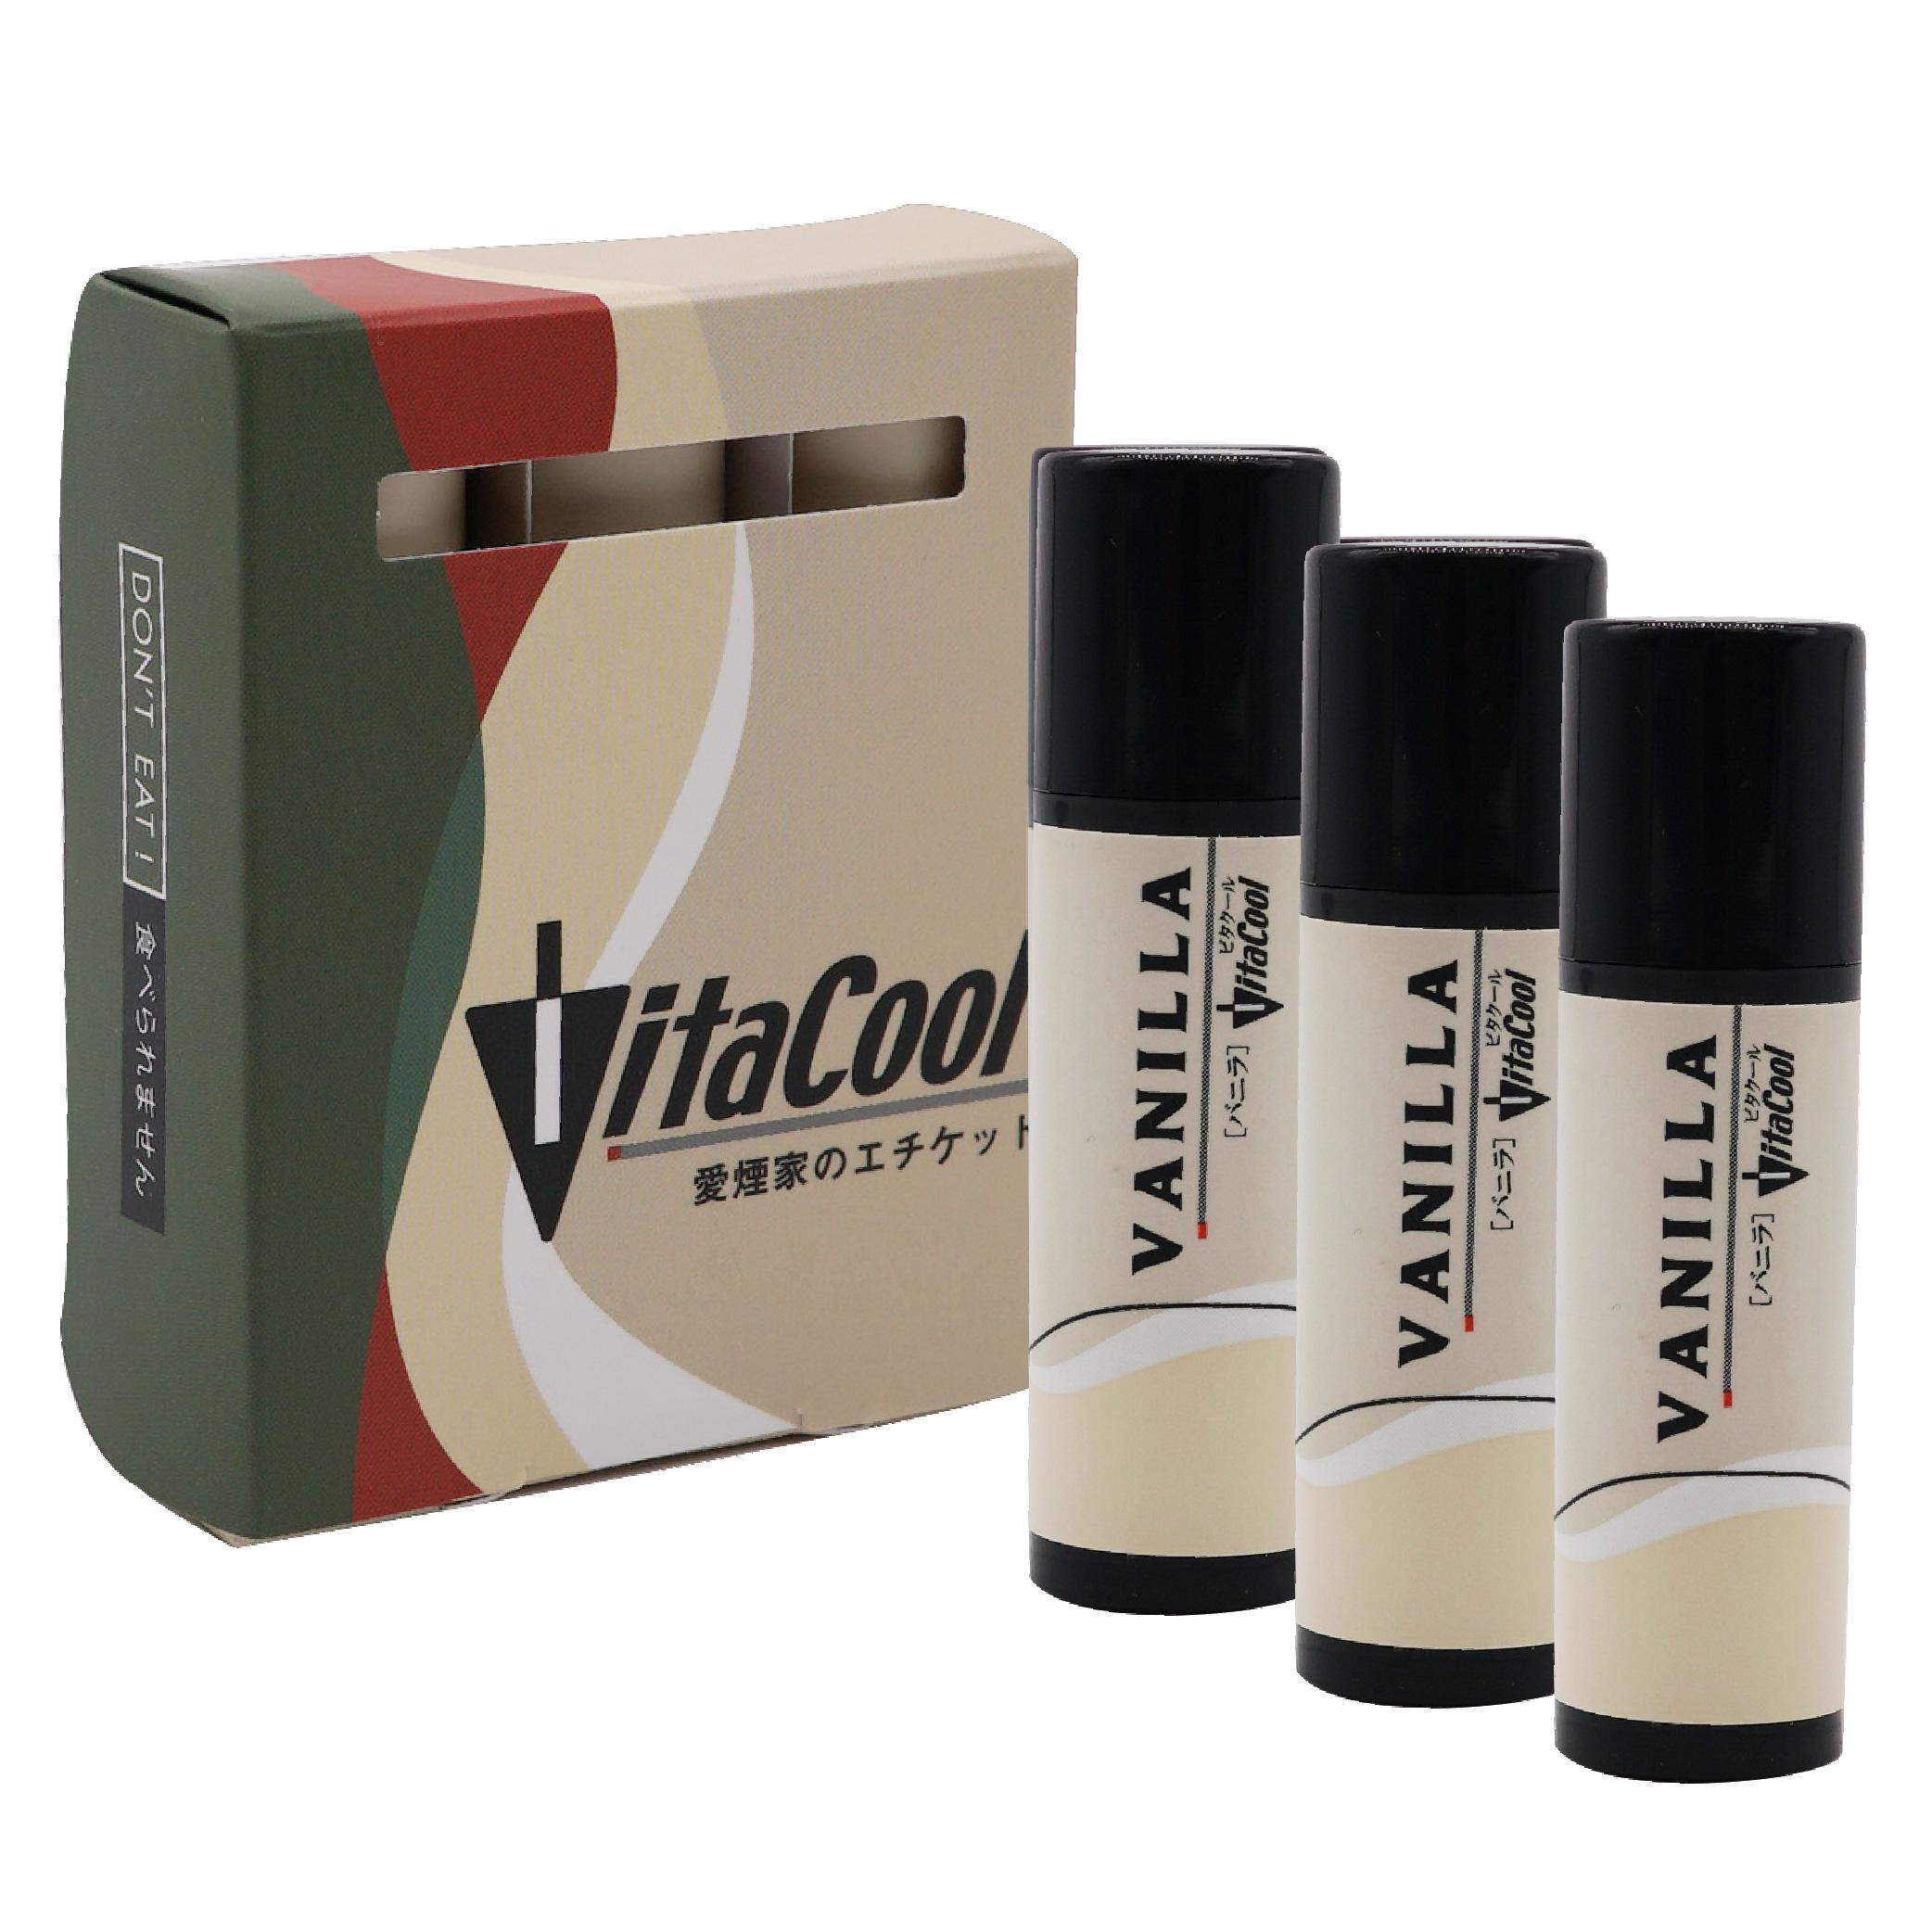 ビタクール バニラ 5g×3本 プログラムパック  (vitacool Vanilla 5g×3 programpack)の仕入れ、卸し問屋ならミュー株式会社